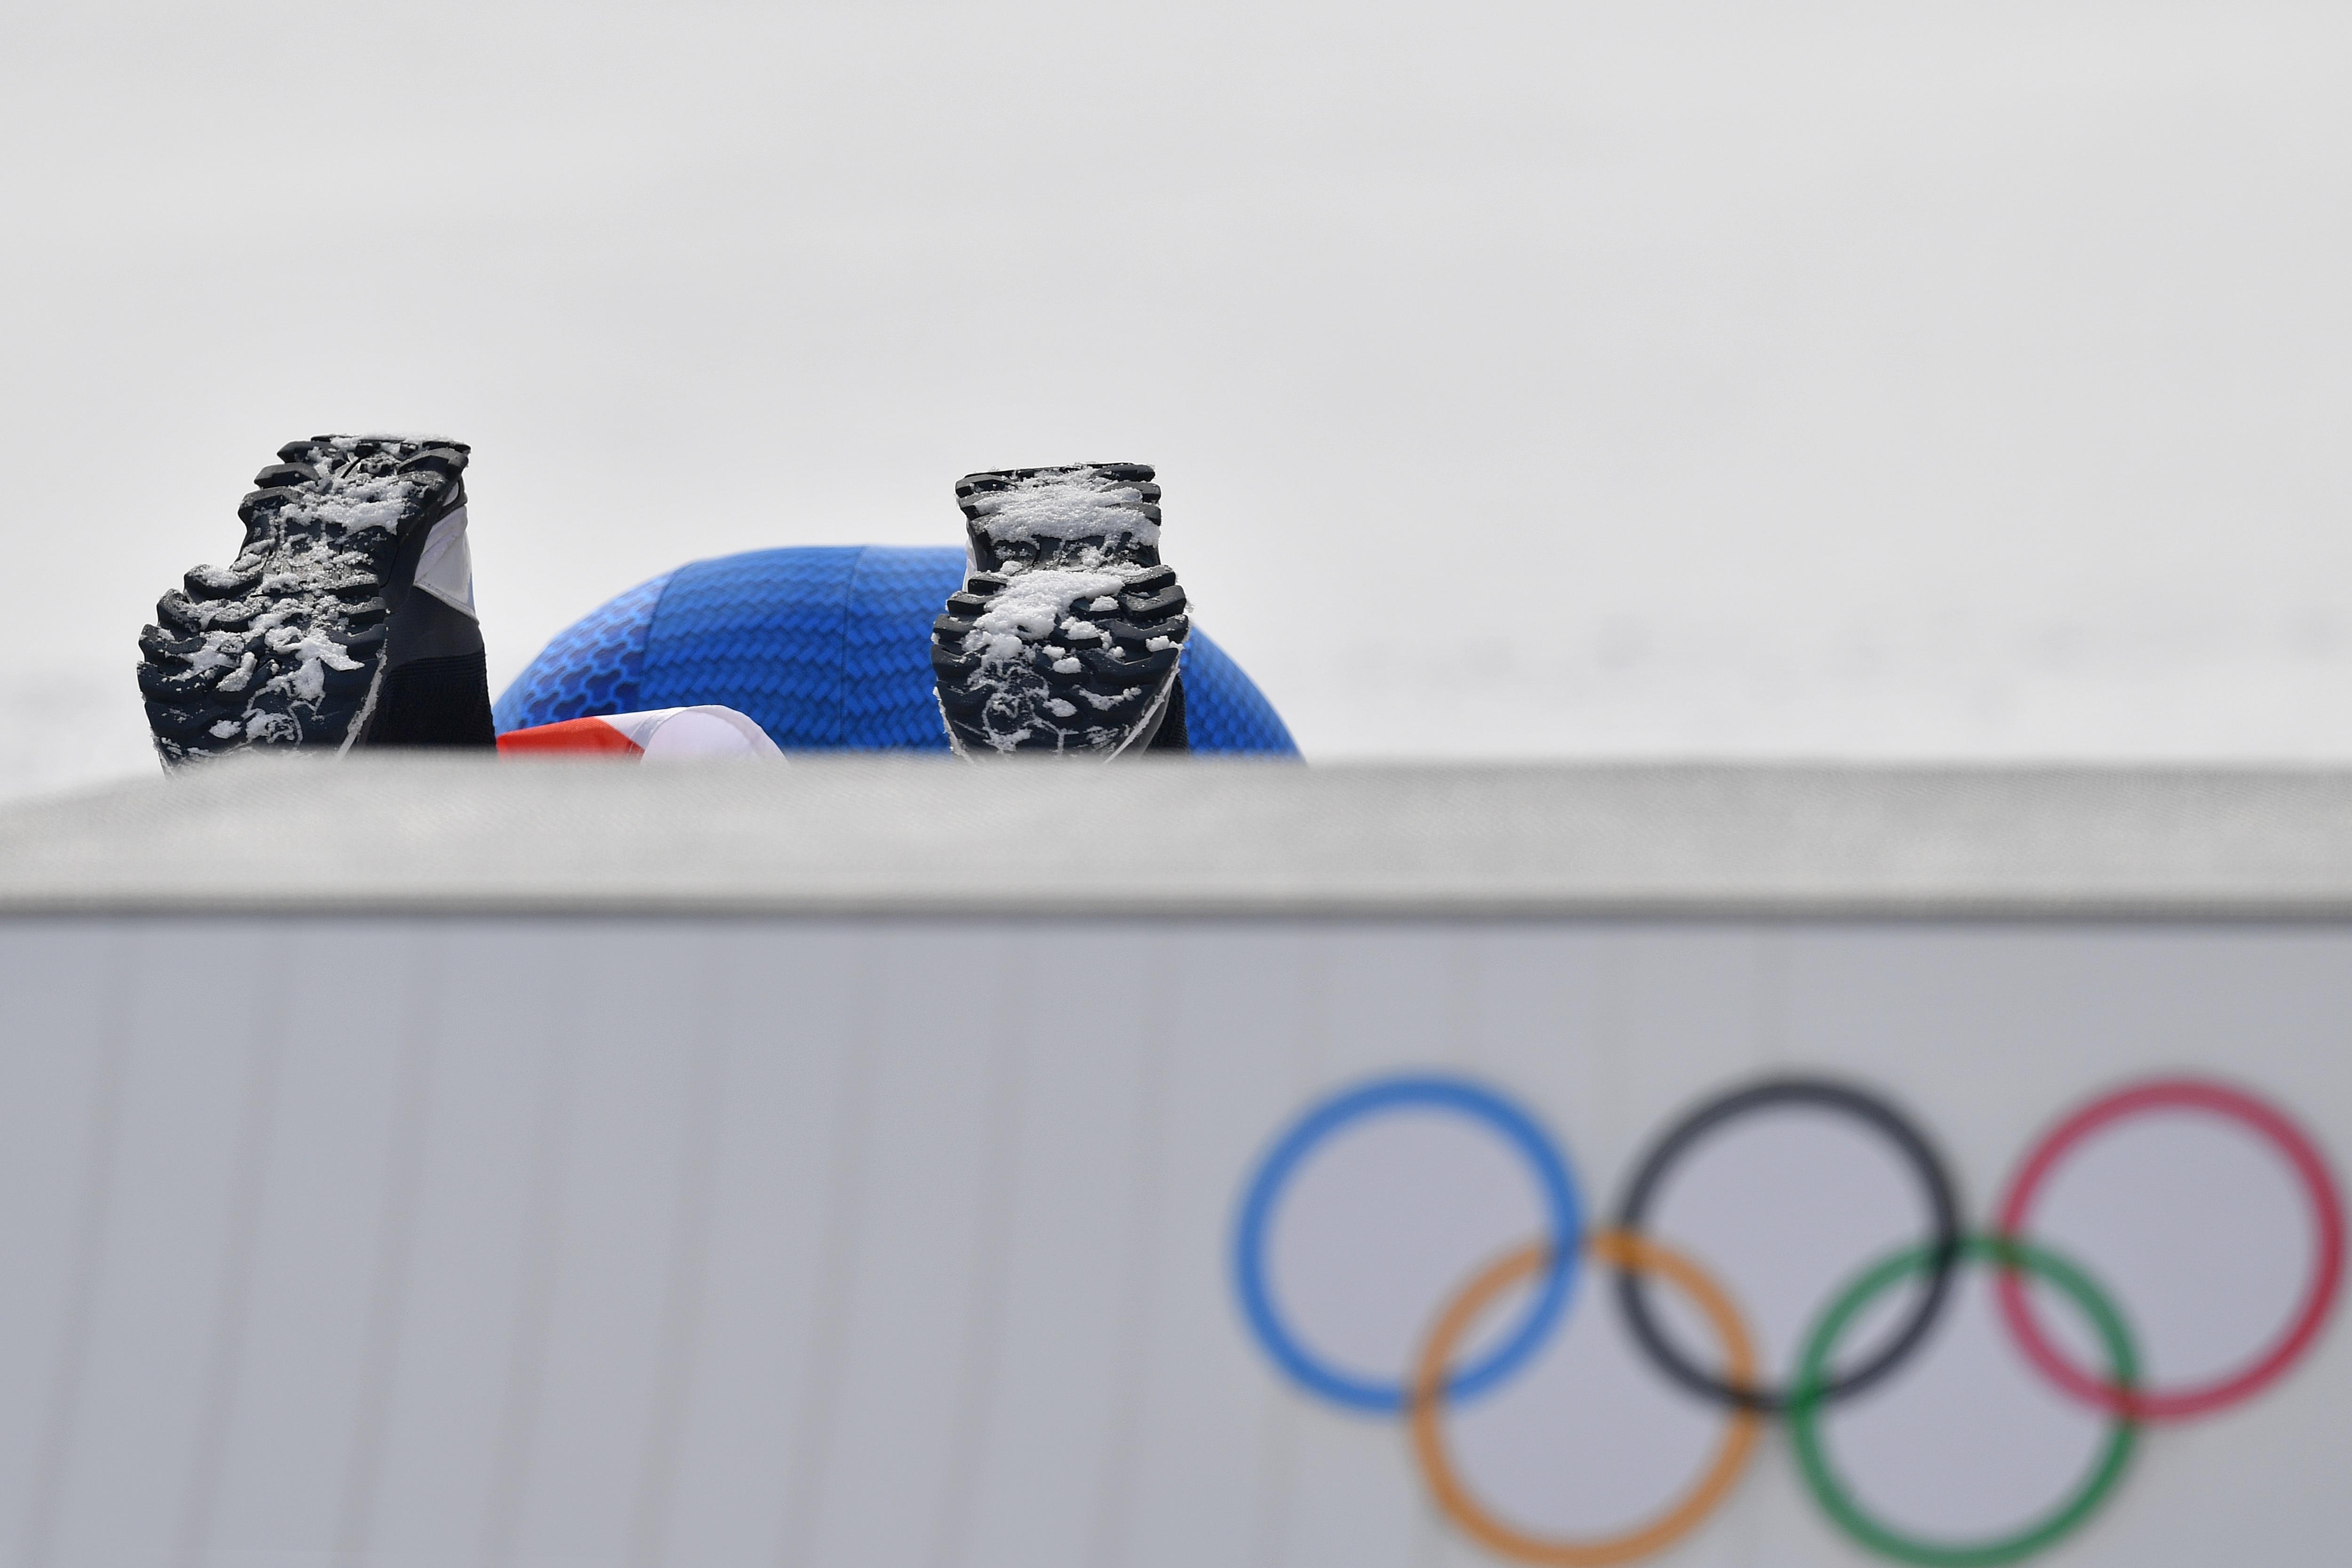 Le foto più belle della sciatrice Sofia Goggia, oro alle Olimpiadi / Image 4